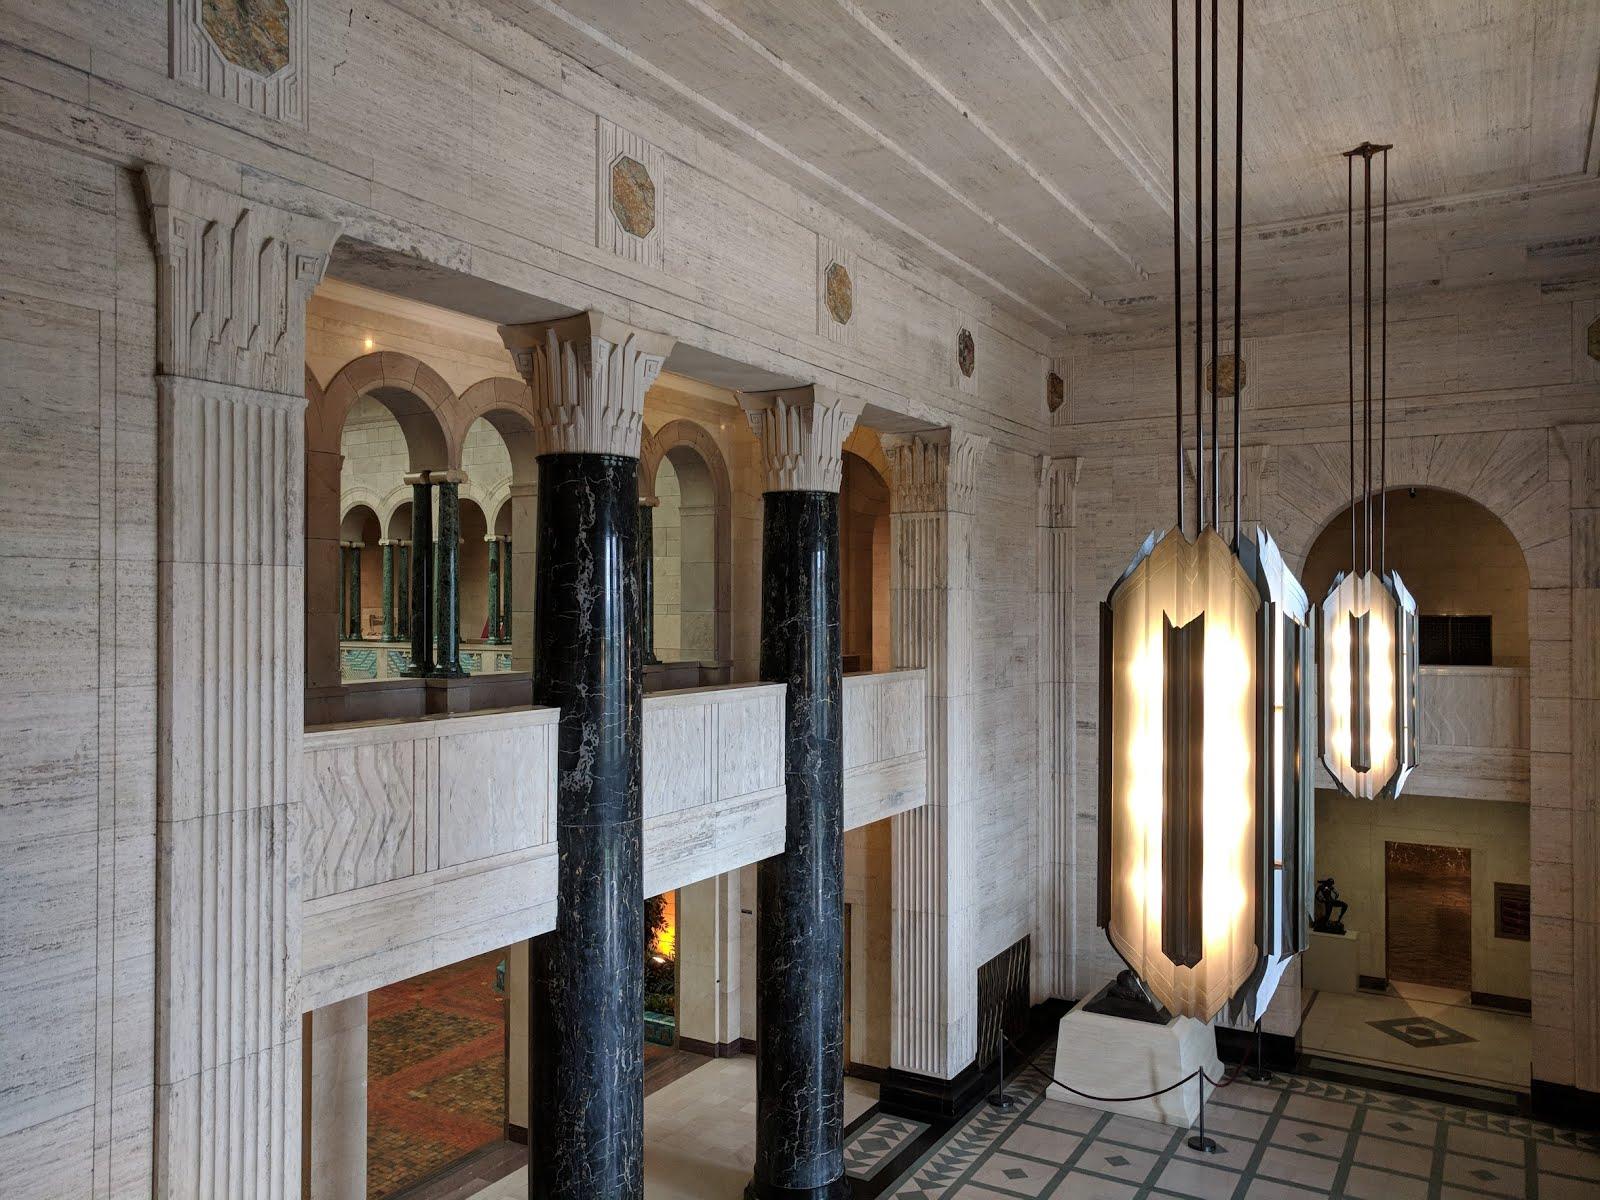 joslyn art museum omaha deco building marble 1930s